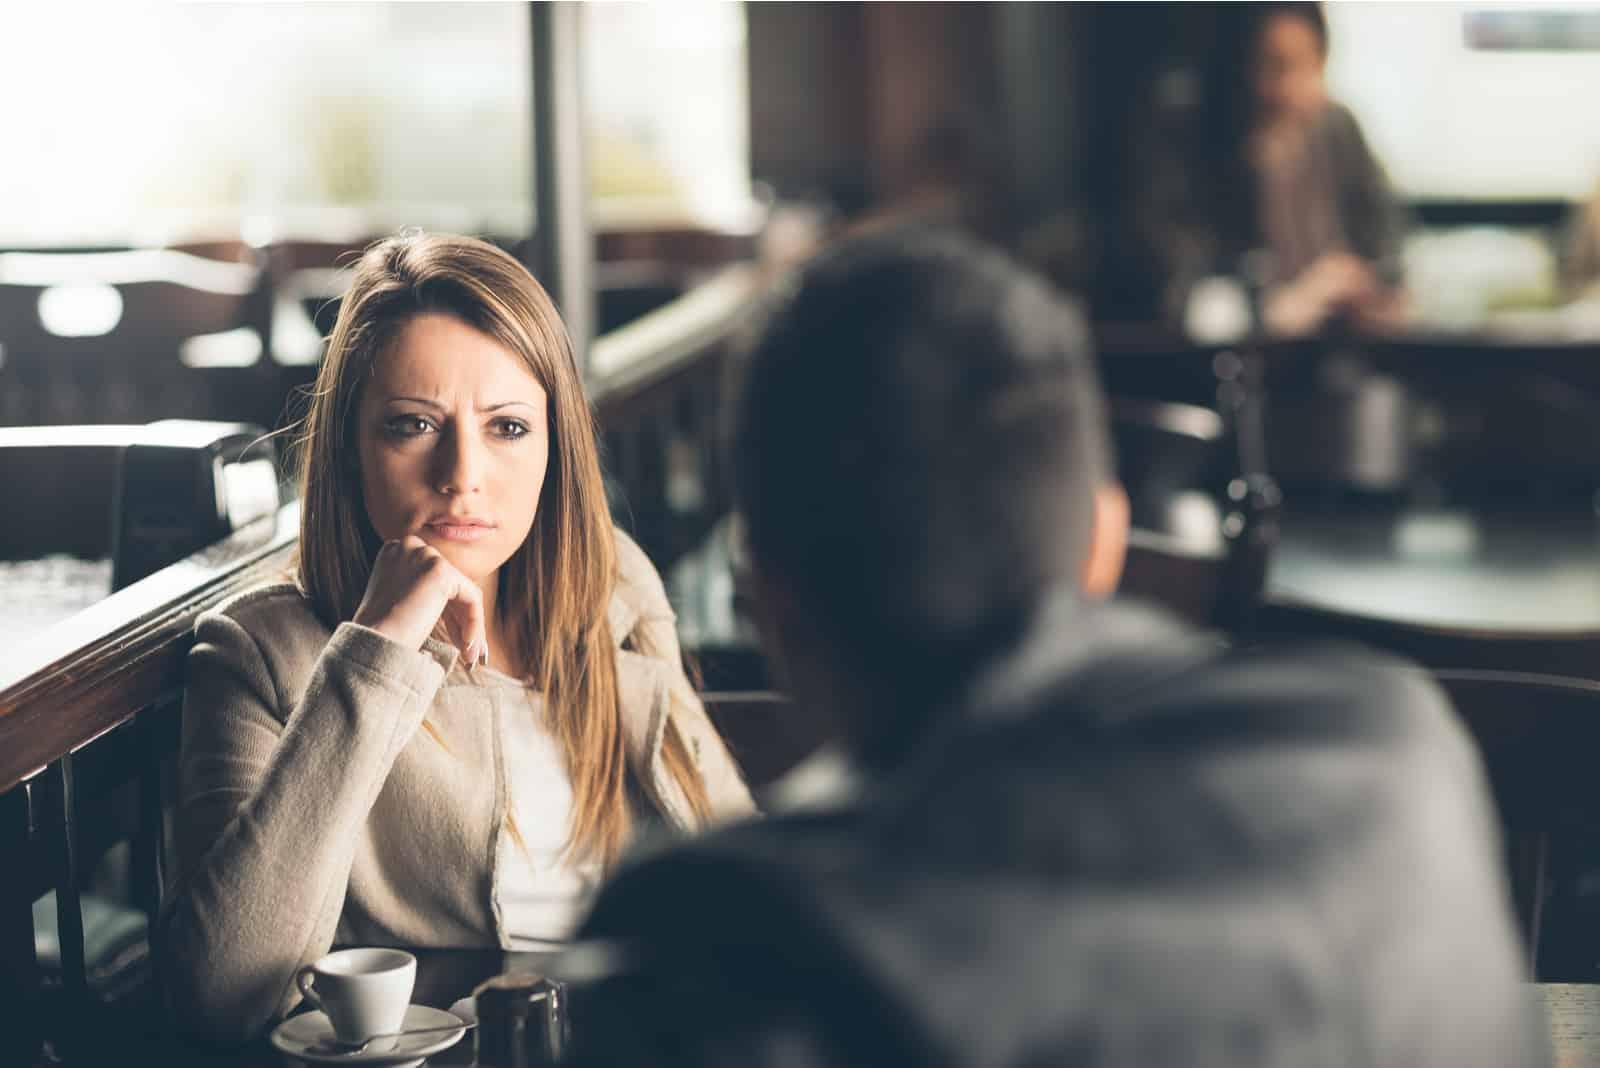 la femme regarde pensivement l'homme pendant qu'ils parlent